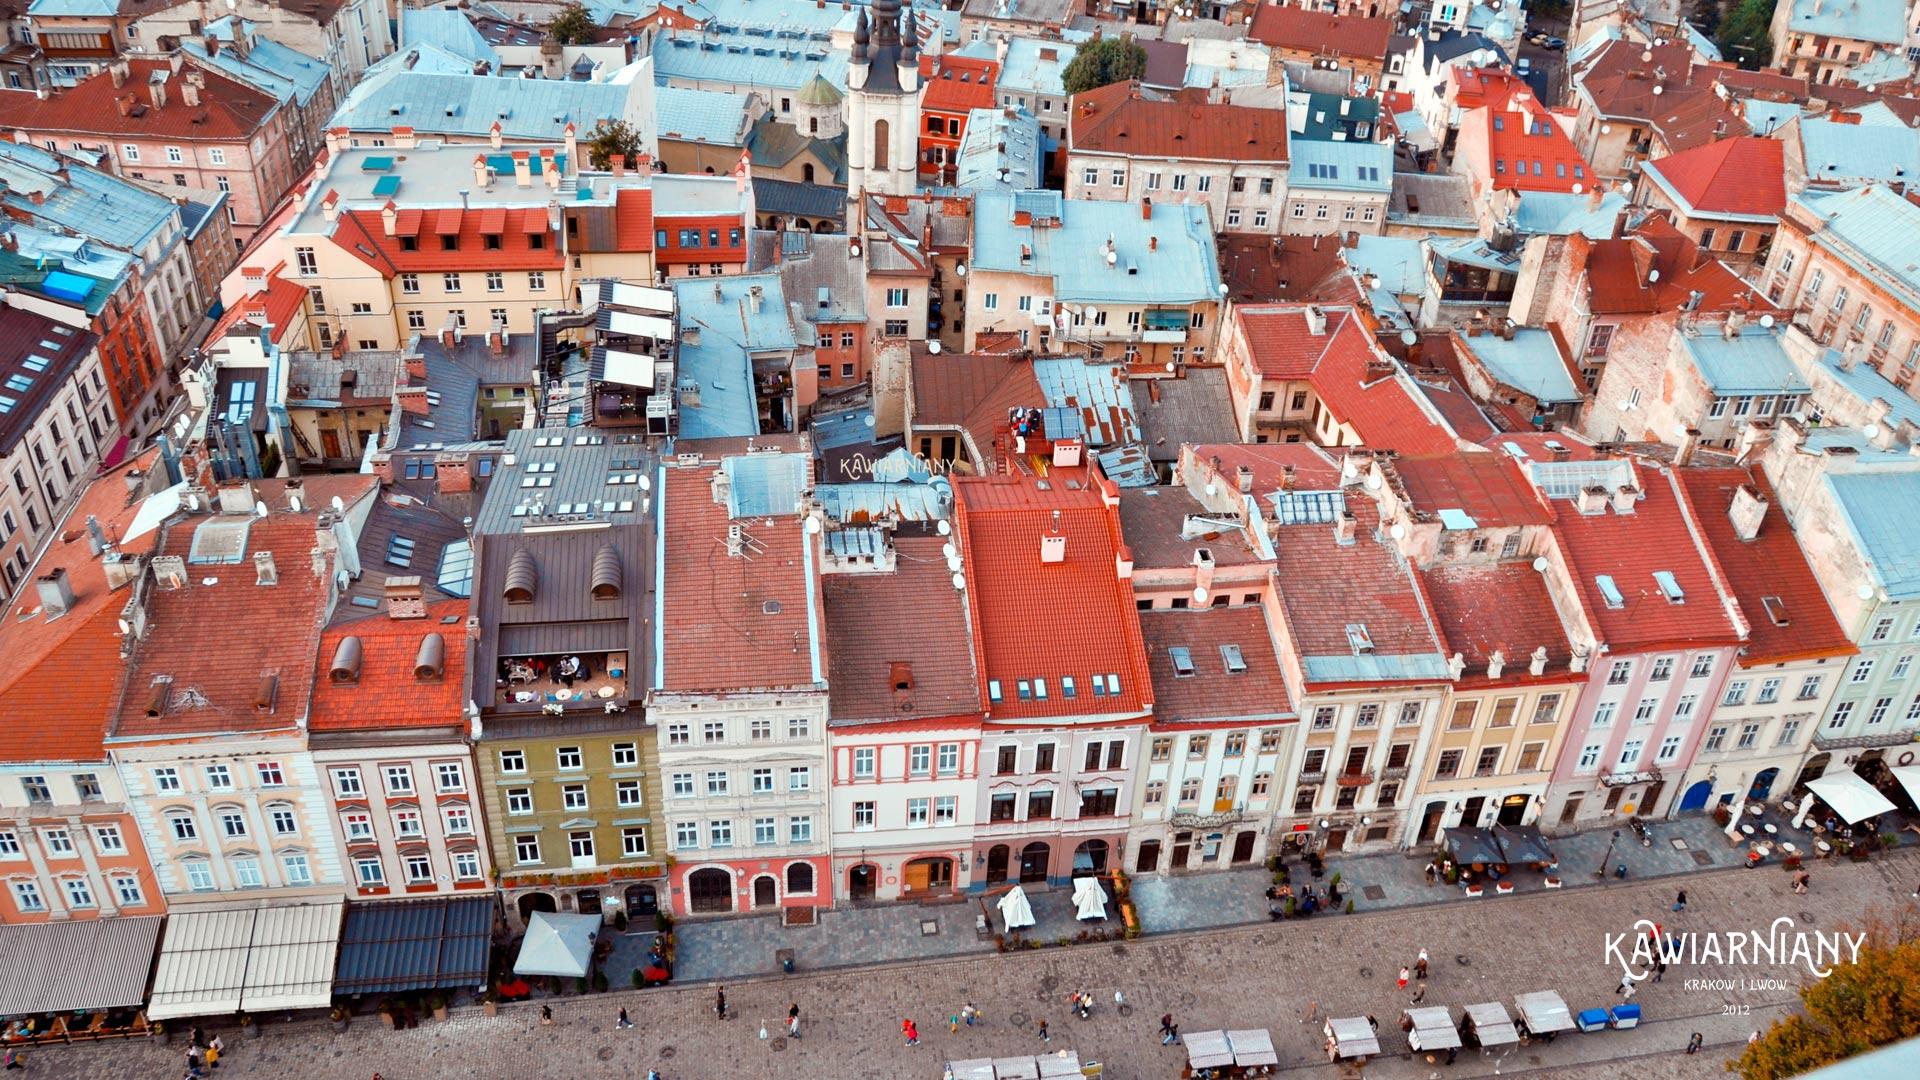 Czy we Lwowie jest drogo? Czy Ukraina jest droga? Sprawdzamy!